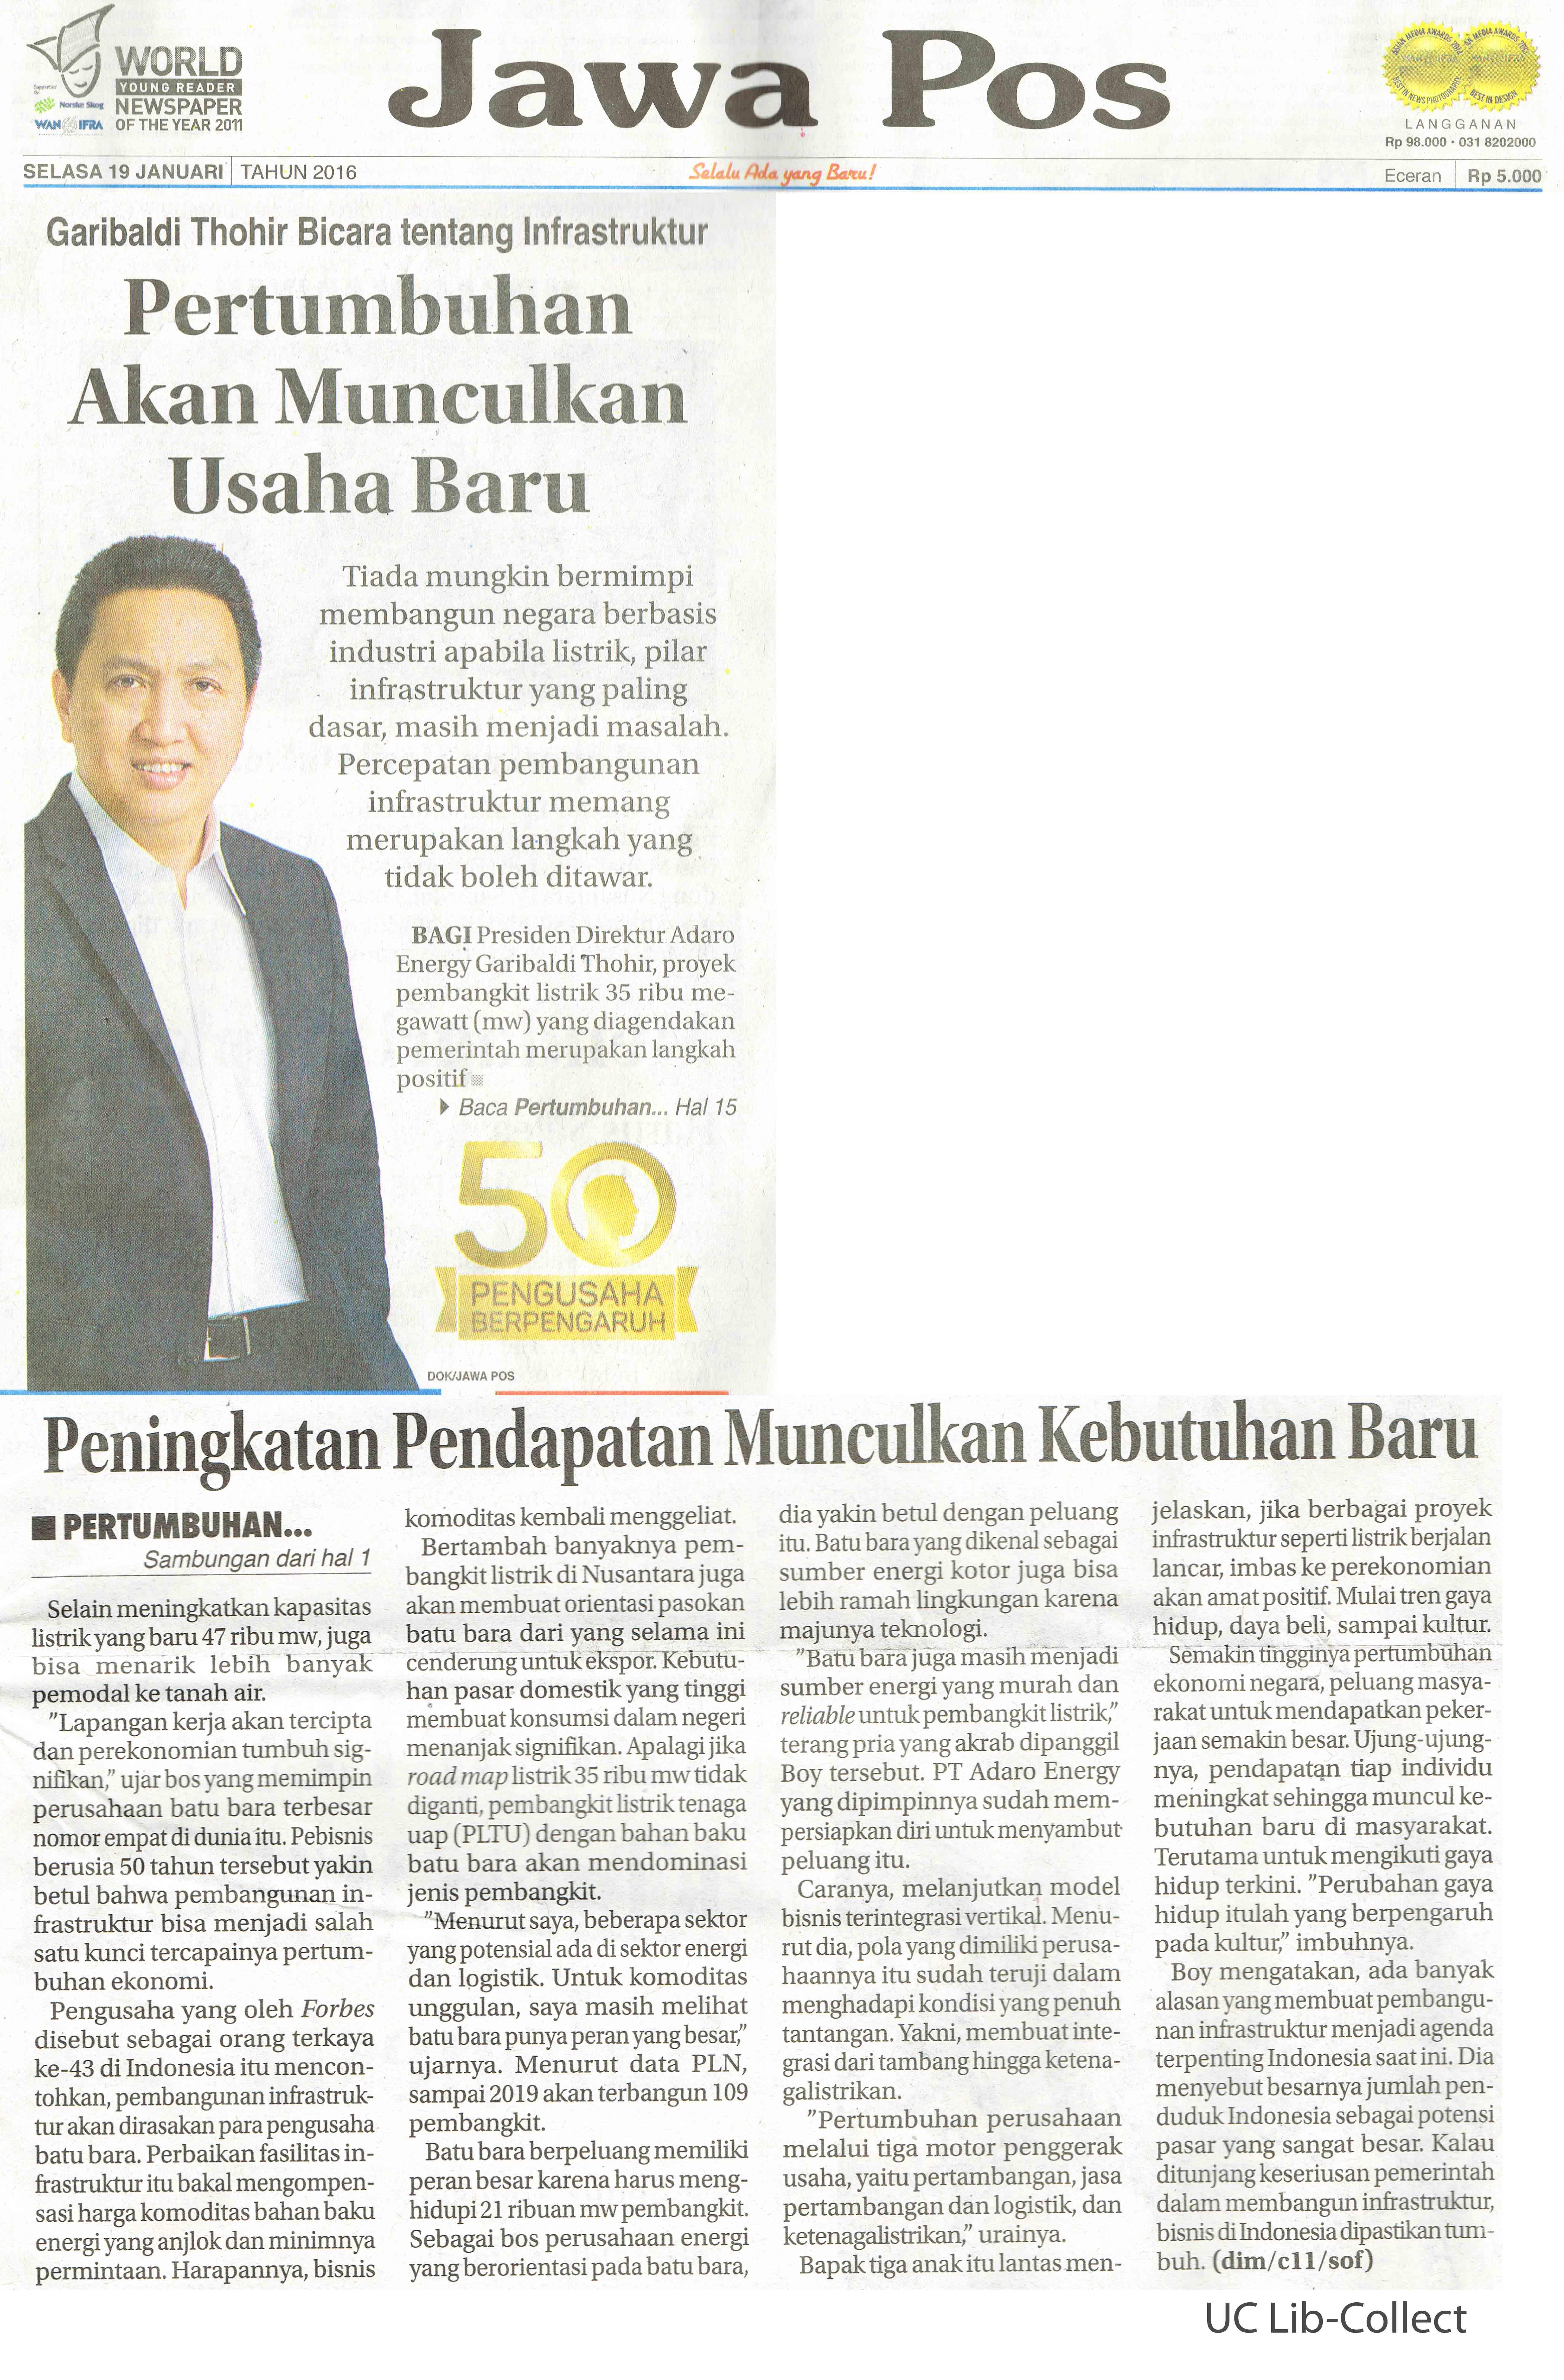 19 Januari 2016. Garibaldi Thohir Bicara tentang Infrastruktur_Pertumbuhan akan Munculkan Usaha Baru. Jawa Pos.19 Januari 2016.Hal.1,11